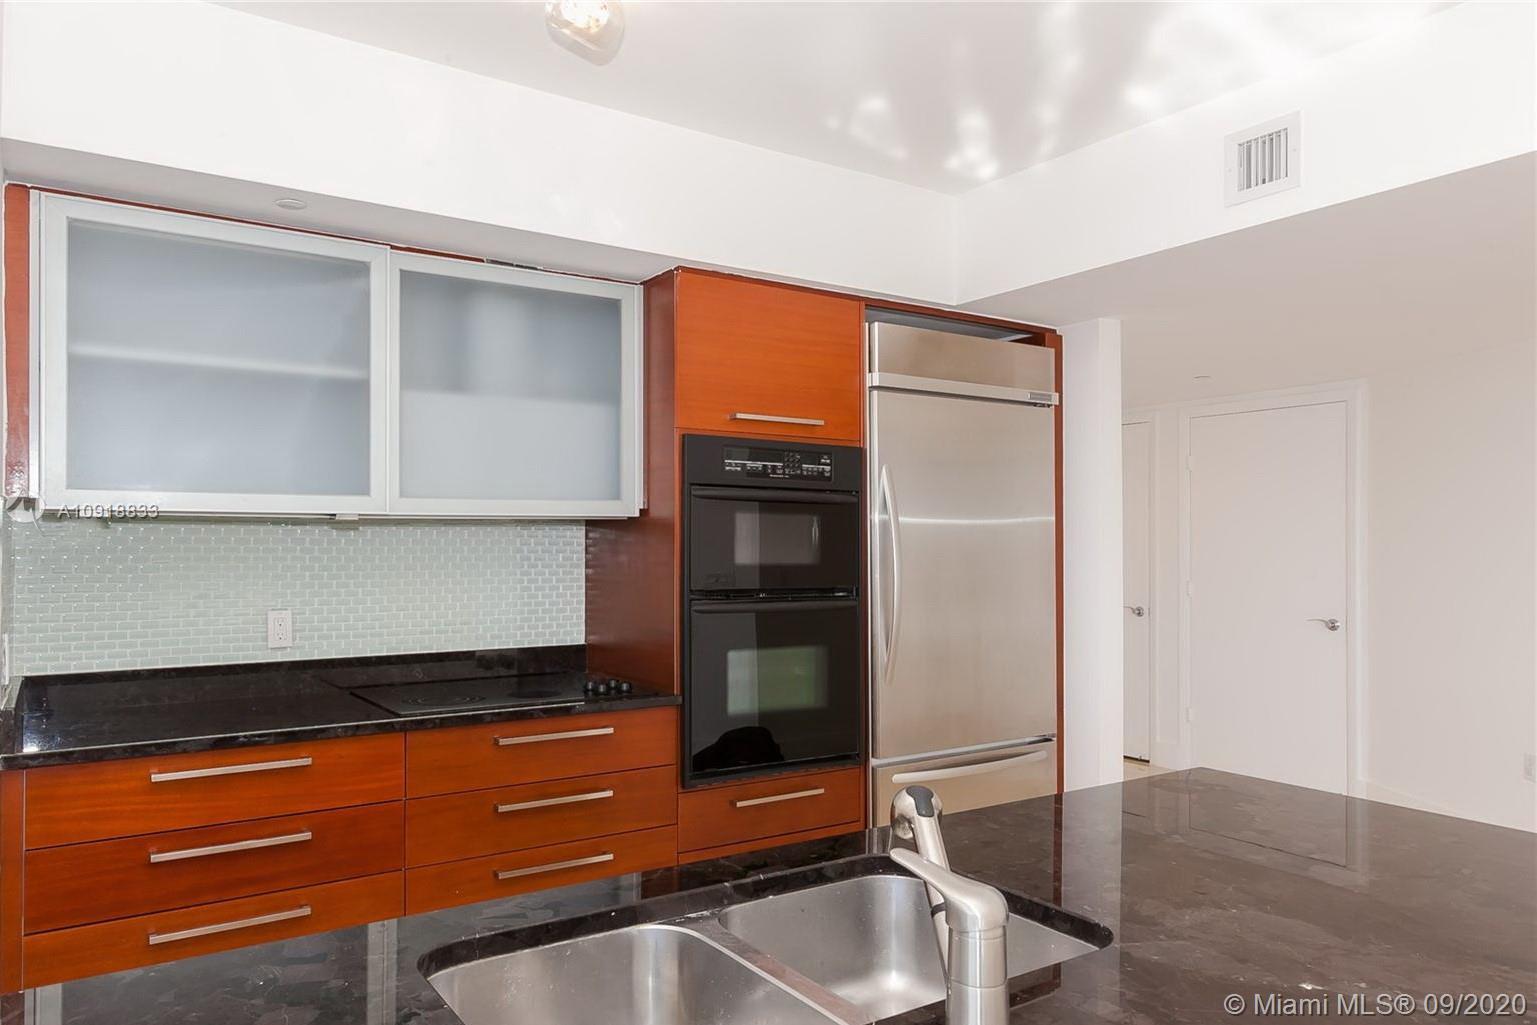 1606 2 / 2 1458 sq. ft. $ 2020-09-27 0 foto